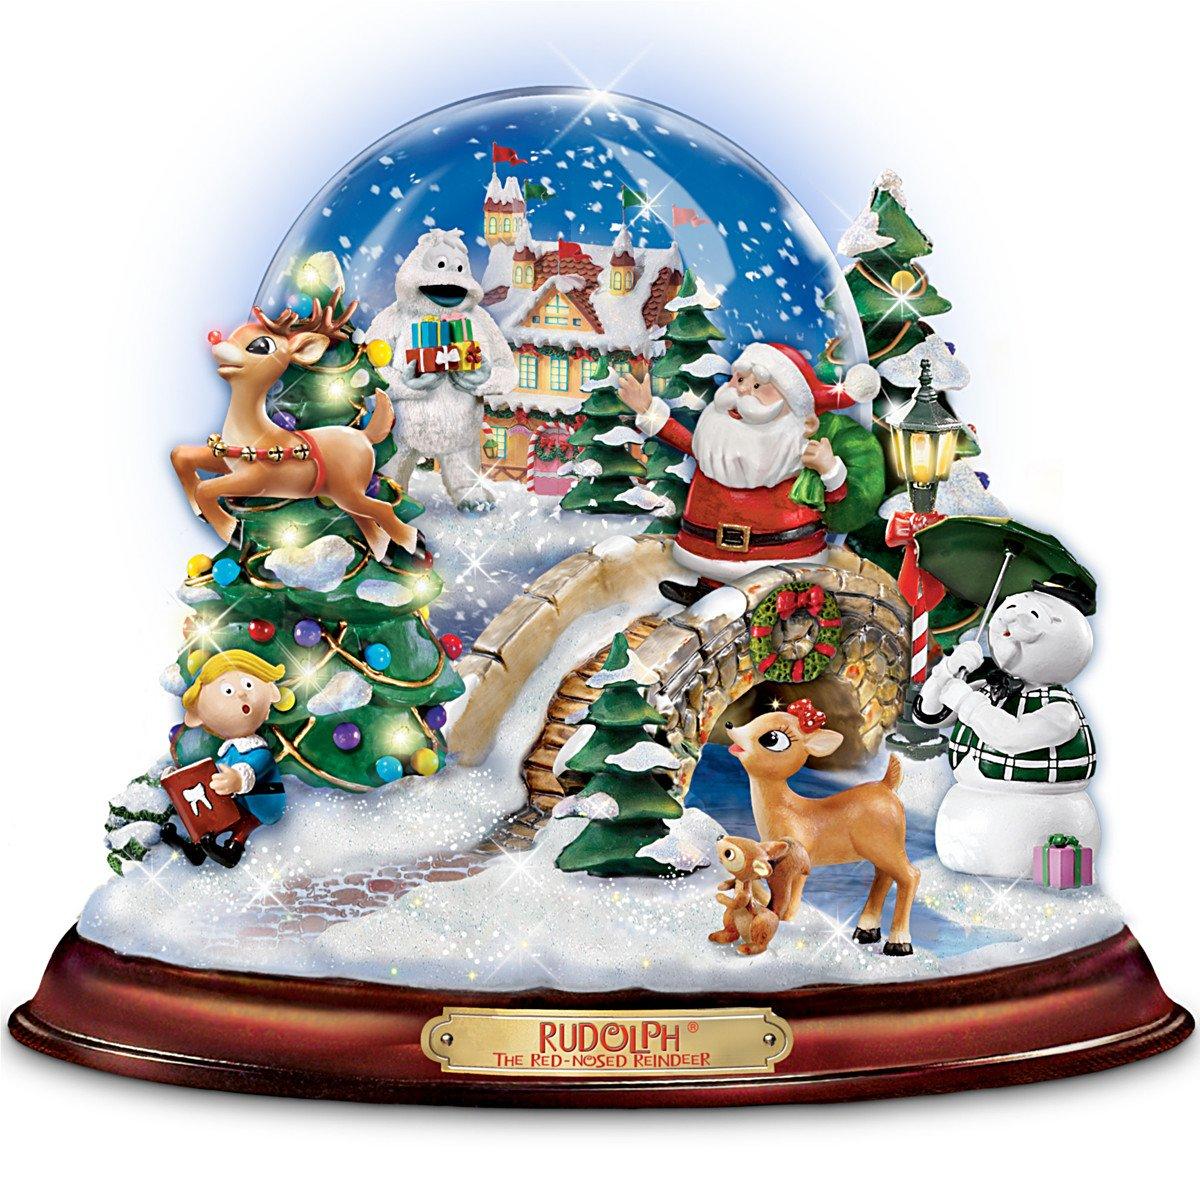 ふるさと納税 Rudolph The And Red-Nosed Rudolph Reindeer Illuminated And Musical Snowglobe Snowglobe by The Bradford Exchange B004PLSMJQ, 坂城町:ecccd280 --- irlandskayaliteratura.org